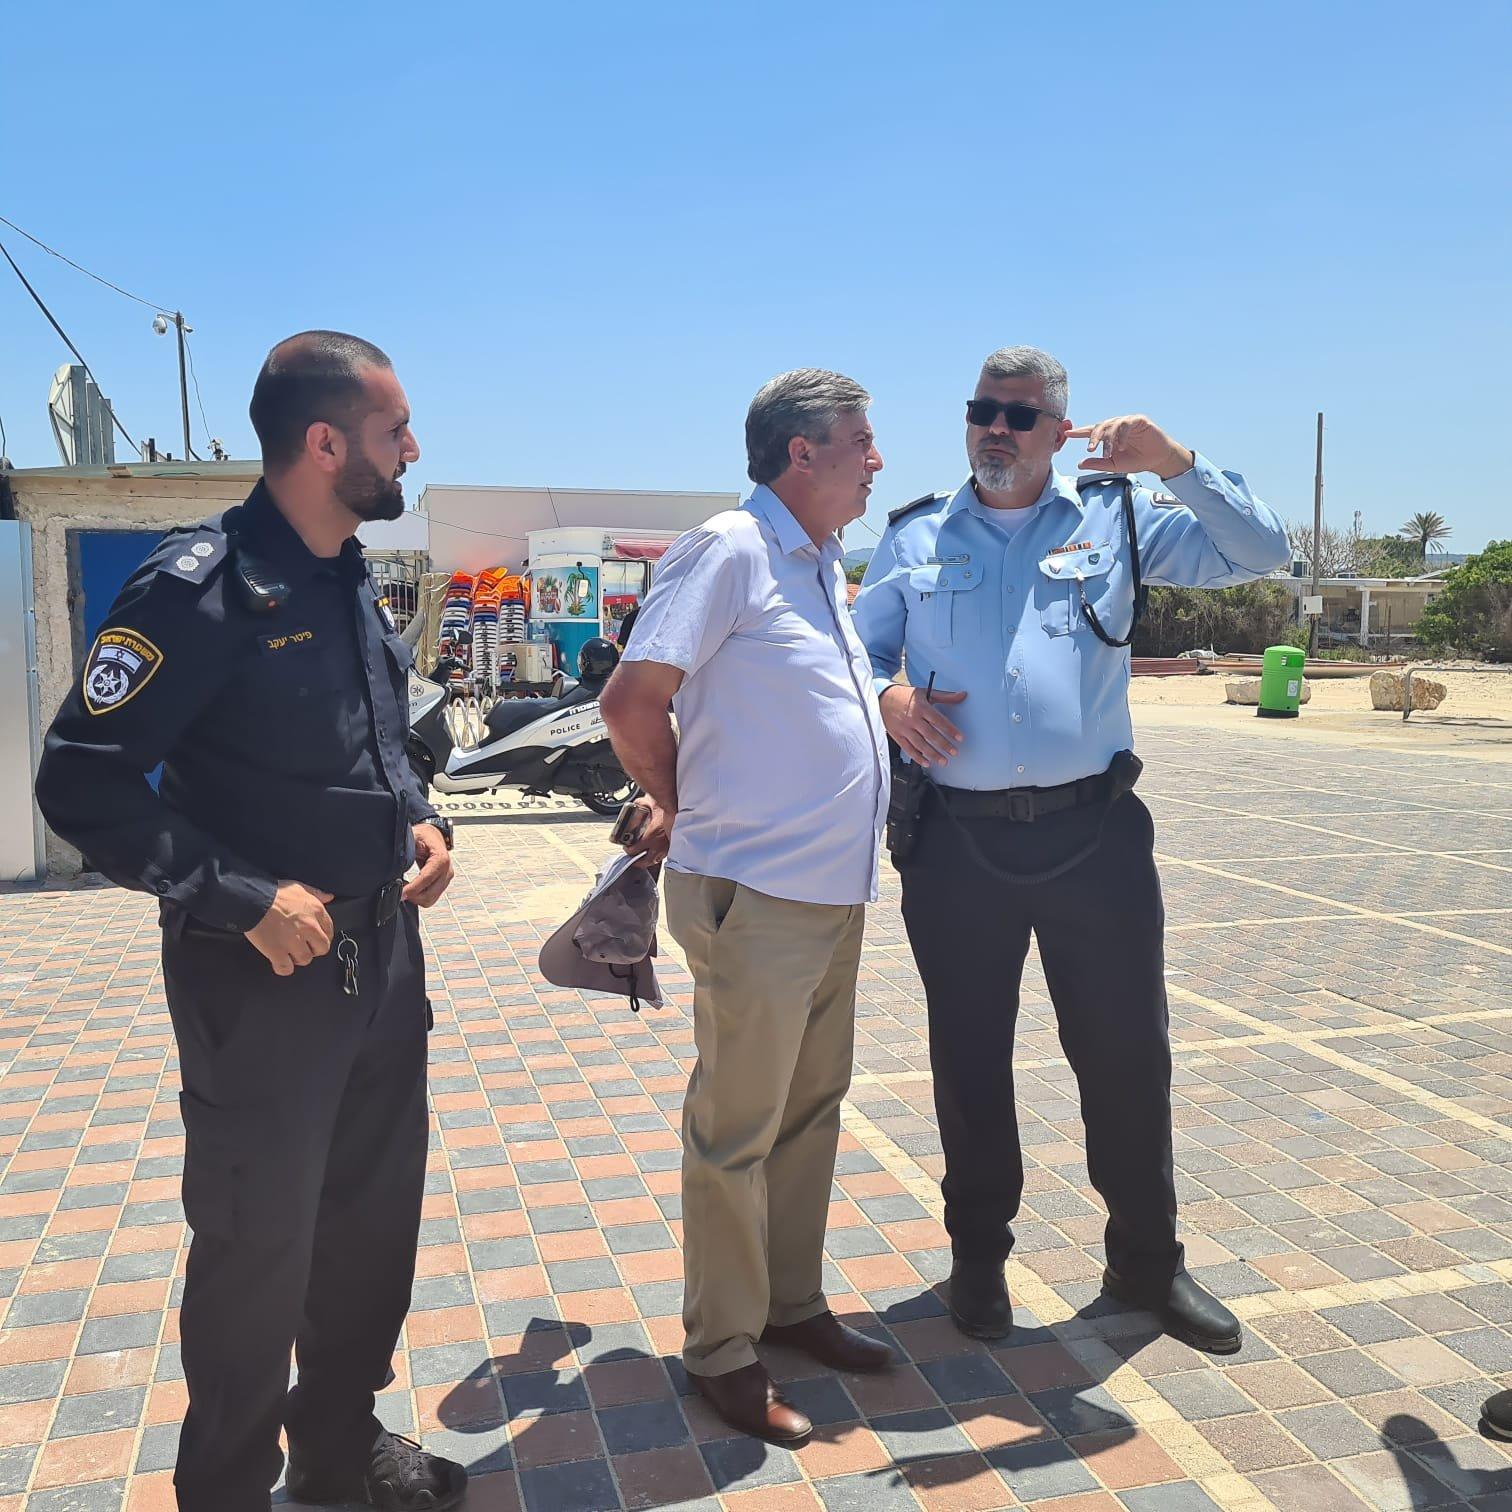 قائد الشرطة الجماهيرية في طيرة حيفا: الشرطة تعمل كل جهدها لإعادة أيمن لعائلته